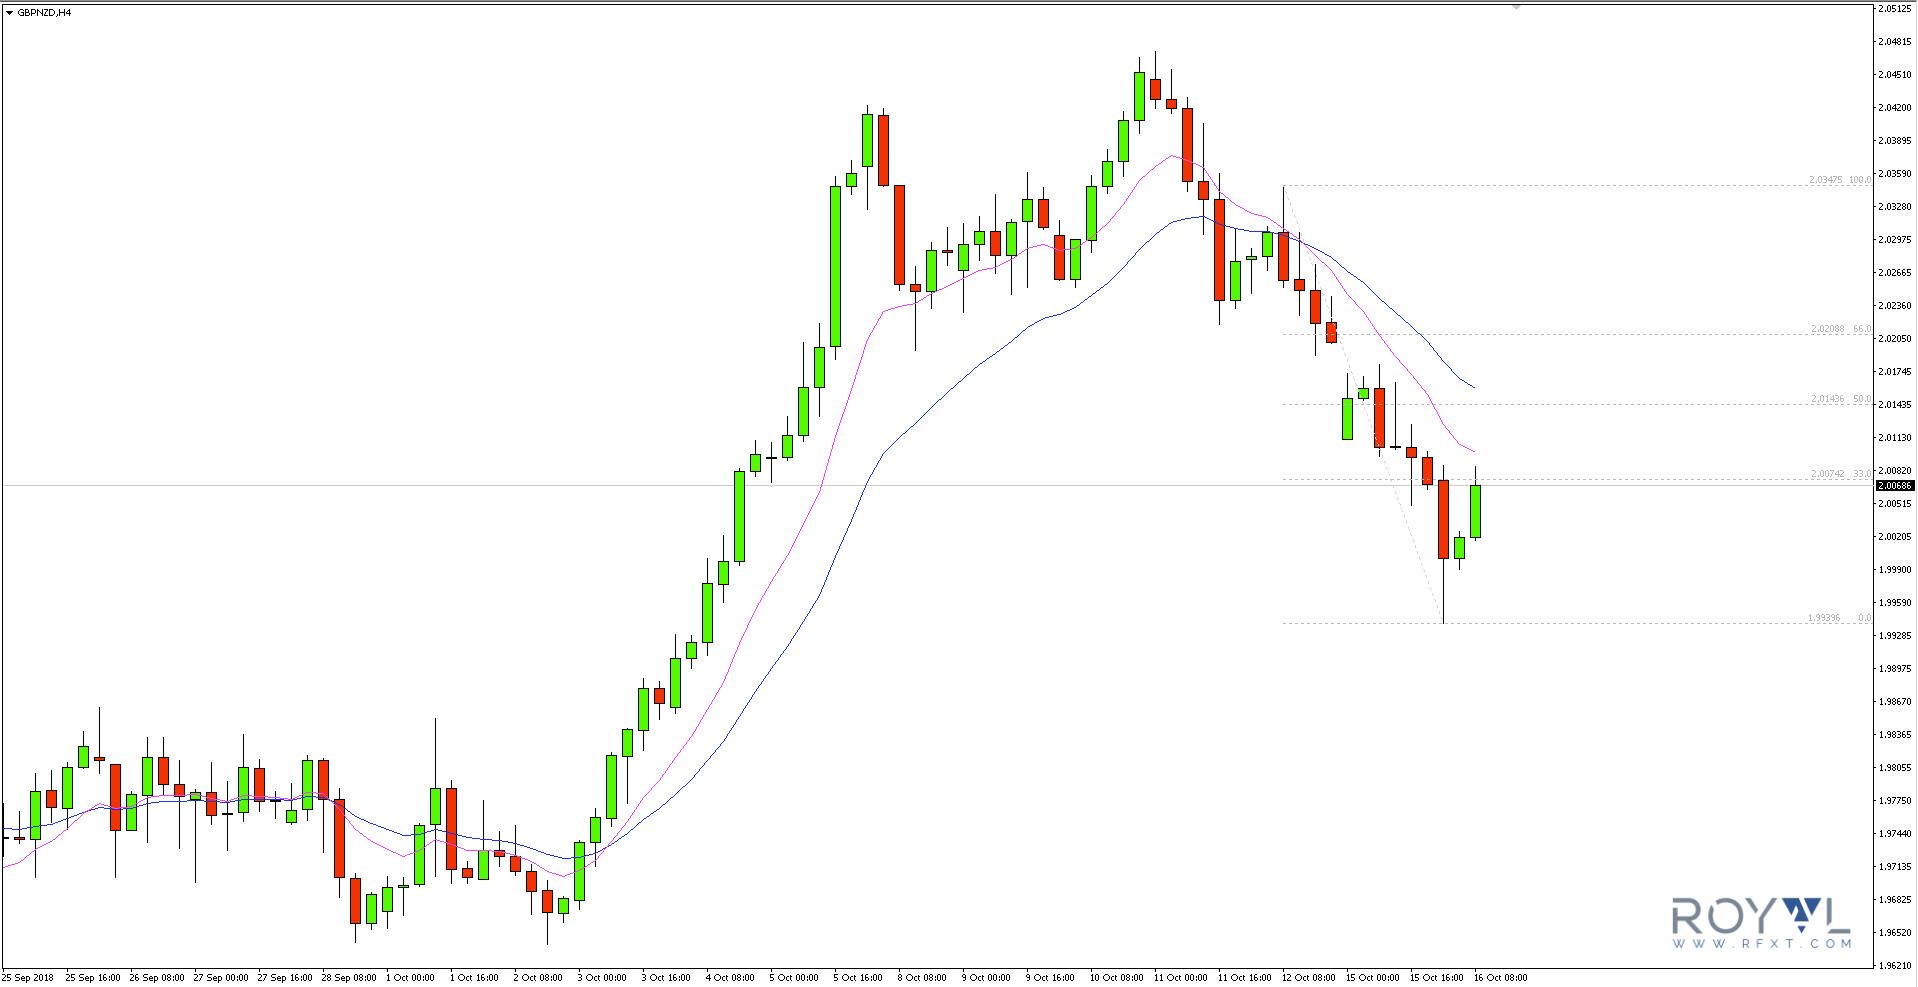 Obecny tydzień otworzył się luką w notowaniach funta szterlinga, a układ dołków i szczytów na wykresie 4-godzinnym GBPNZD wskazuje na trend spadkowy